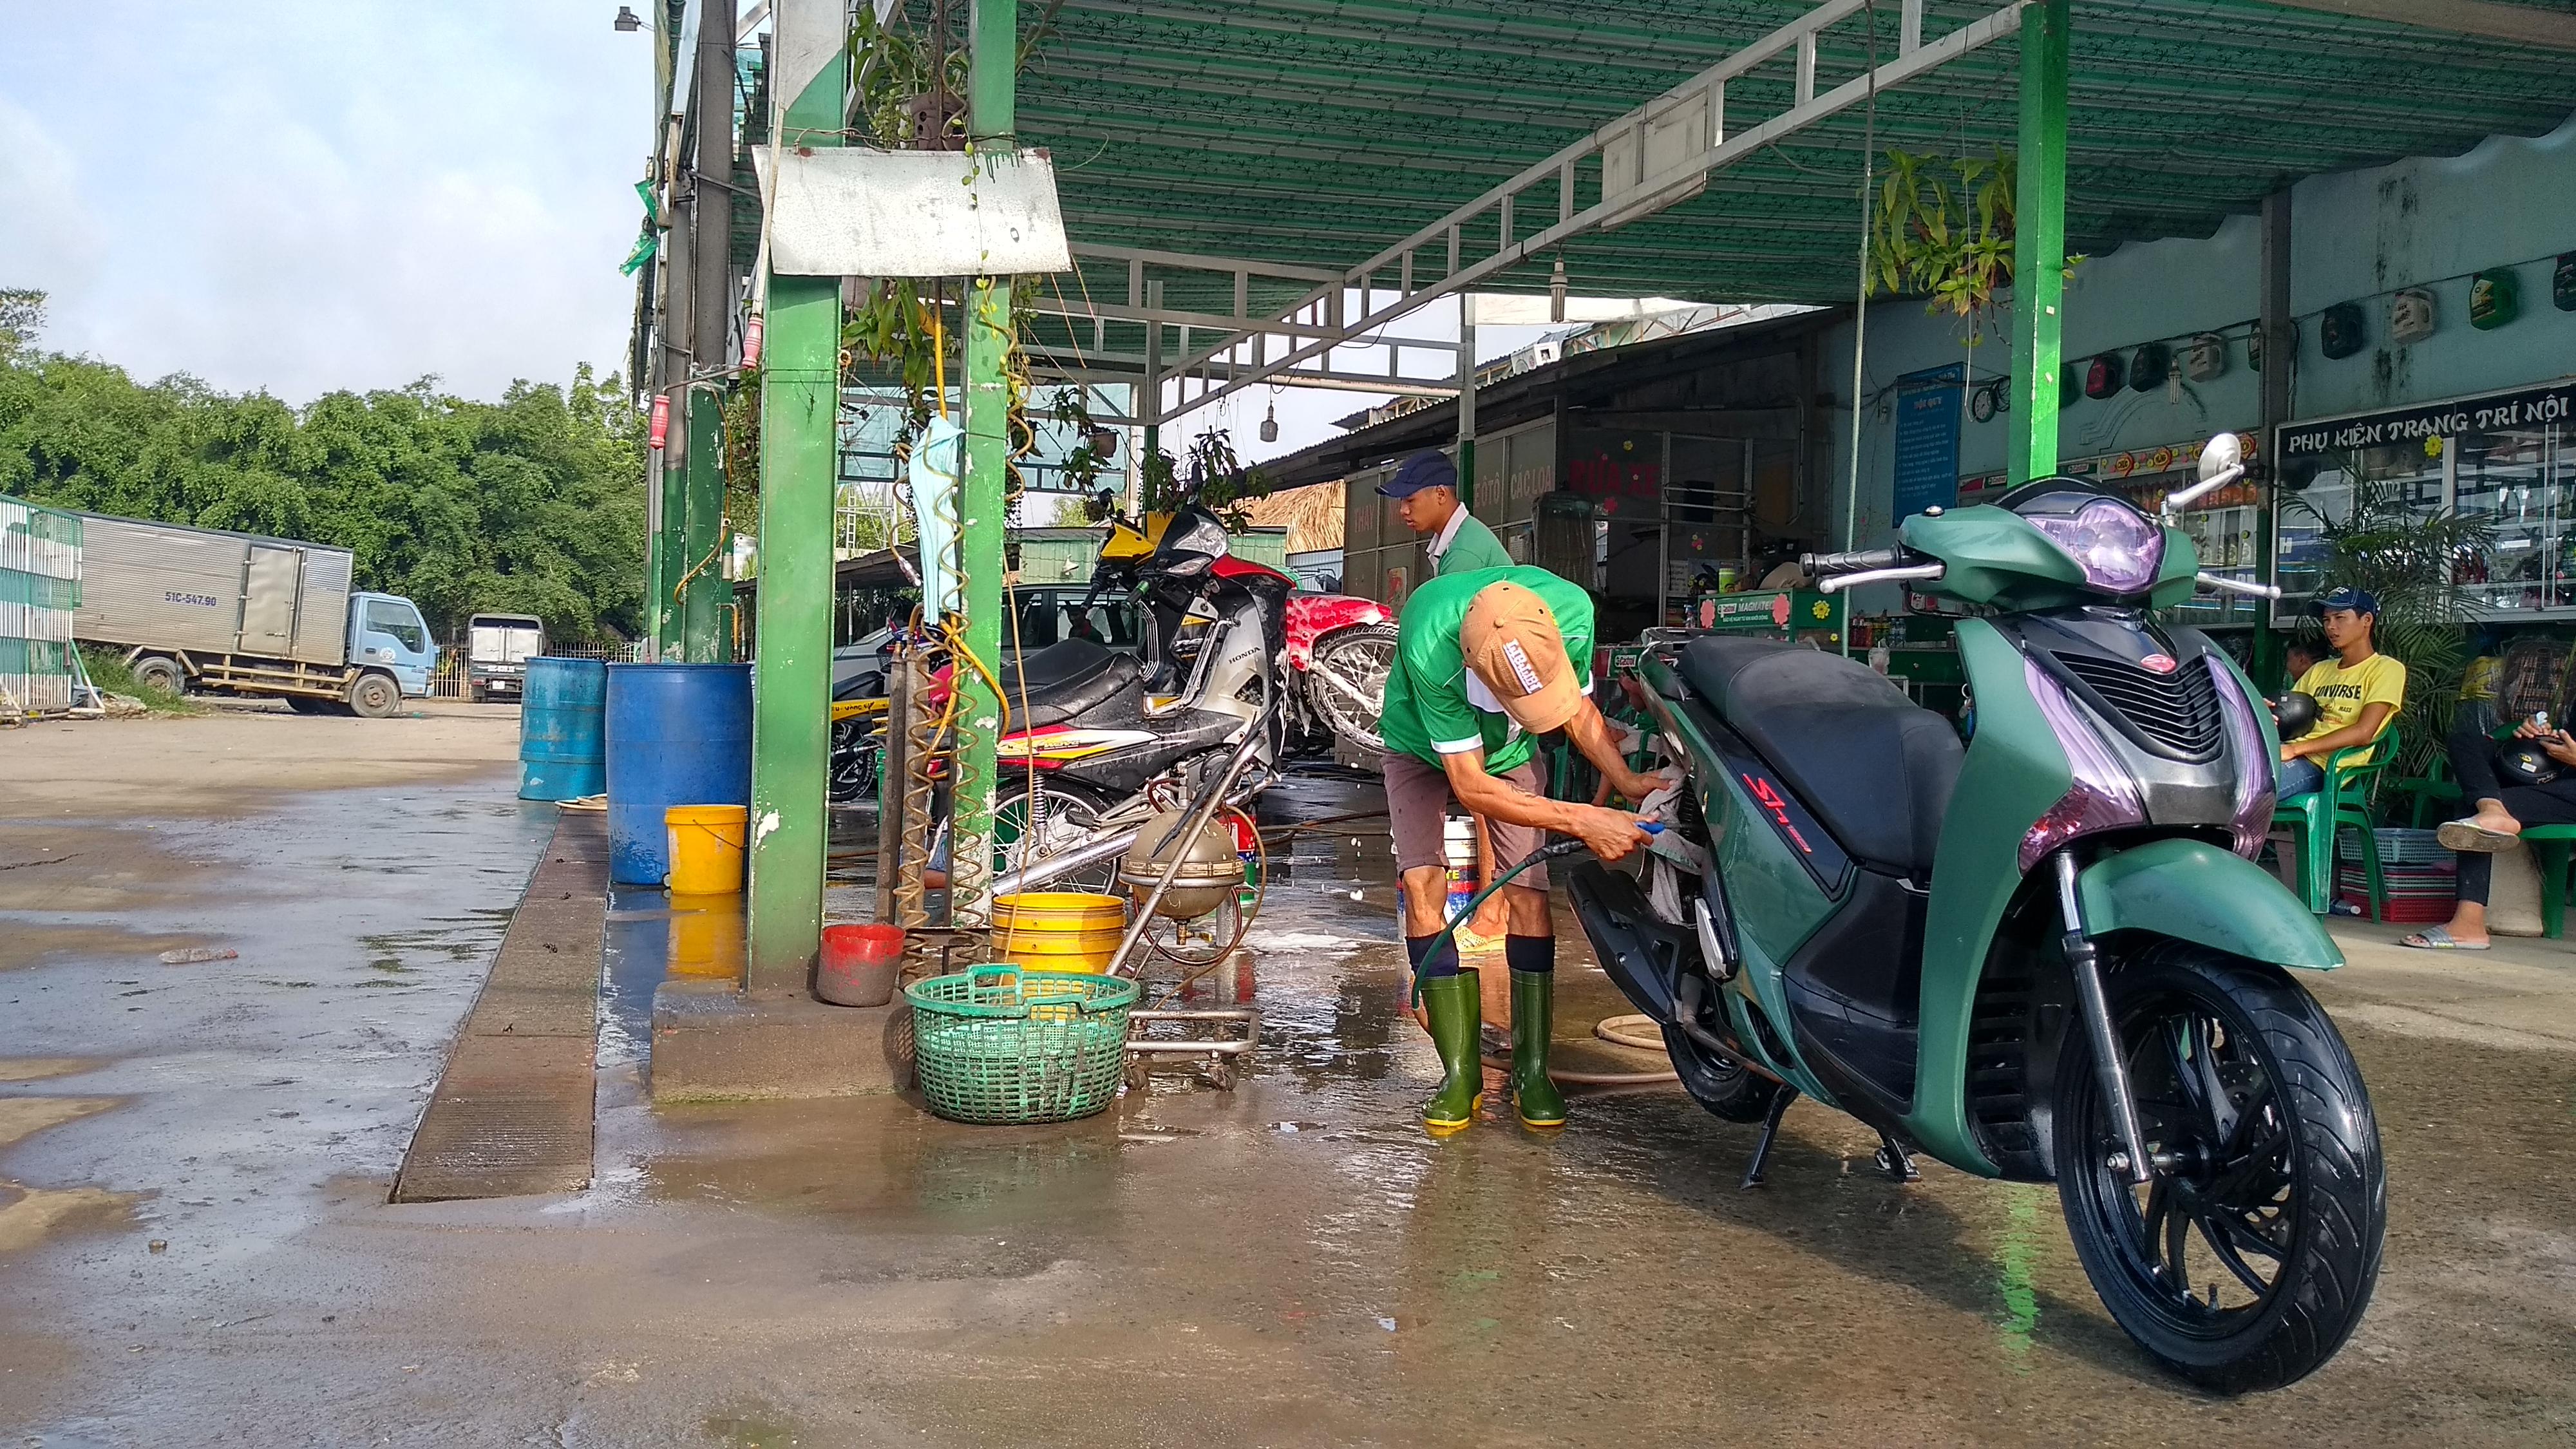 8 Rửa xe sach nhất Hóc Môn - Rửa xe Bích Thu